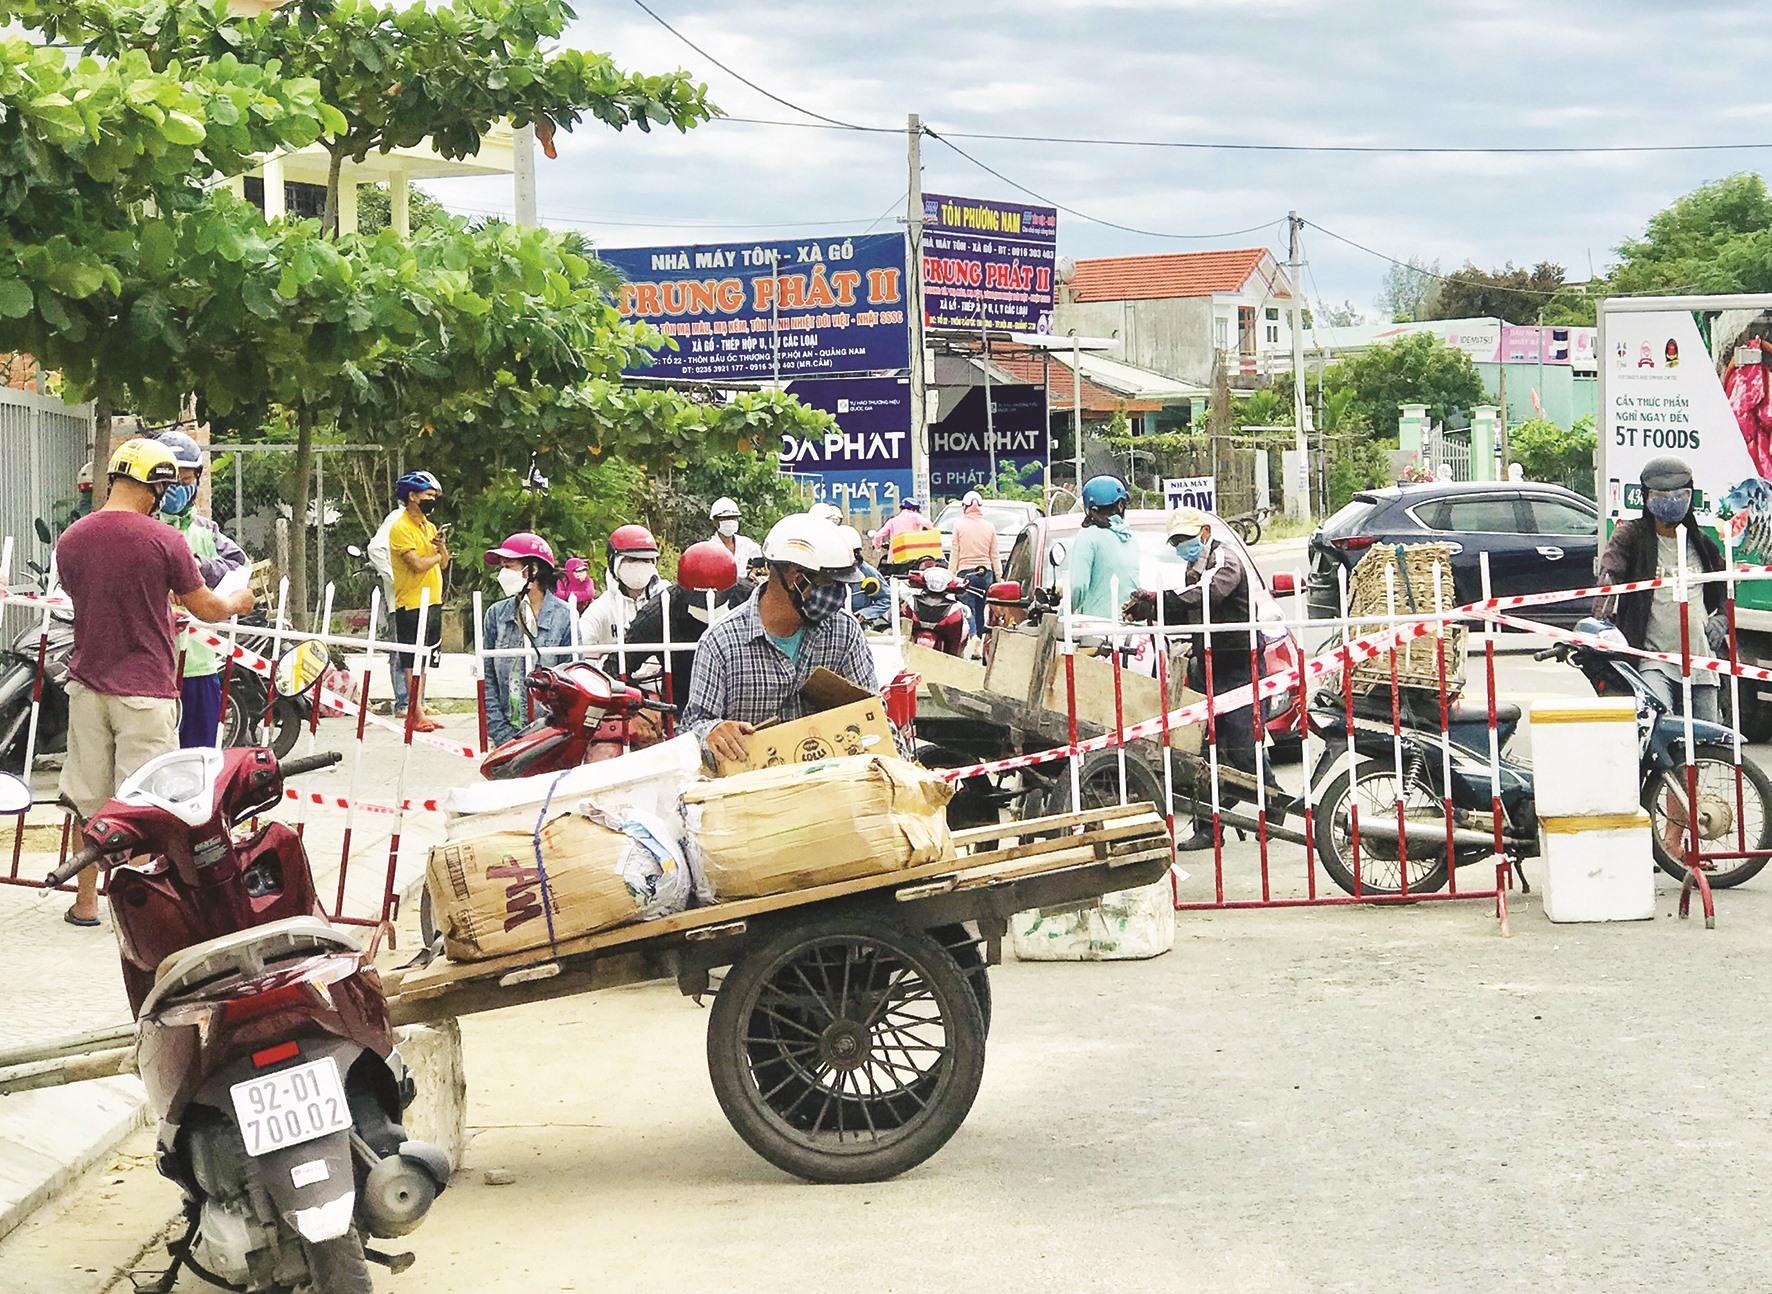 Tập kết hàng và chuyển qua một chốt kiểm soát ở ranh giới Hội An - Điện Bàn.